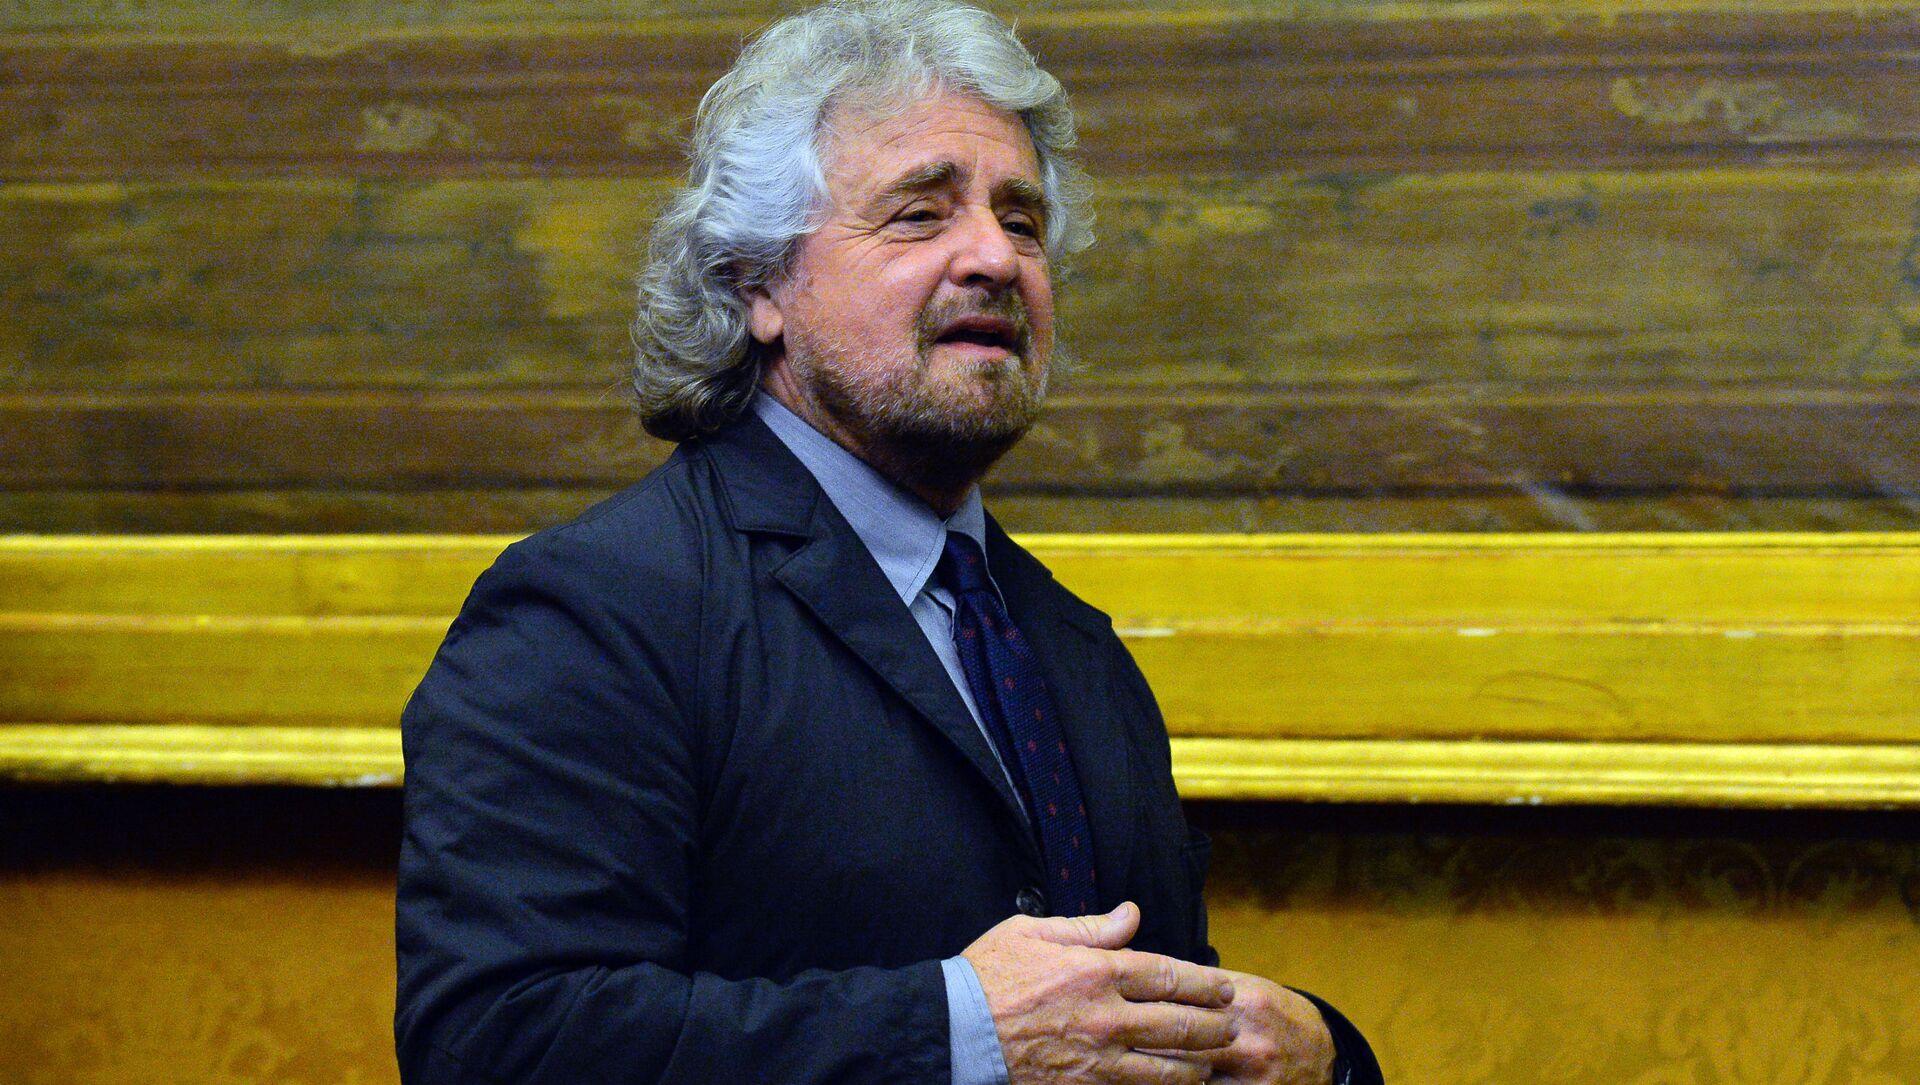 Il leader del Movemento 5 stelle Beppe Grillo - Sputnik Italia, 1920, 28.03.2021